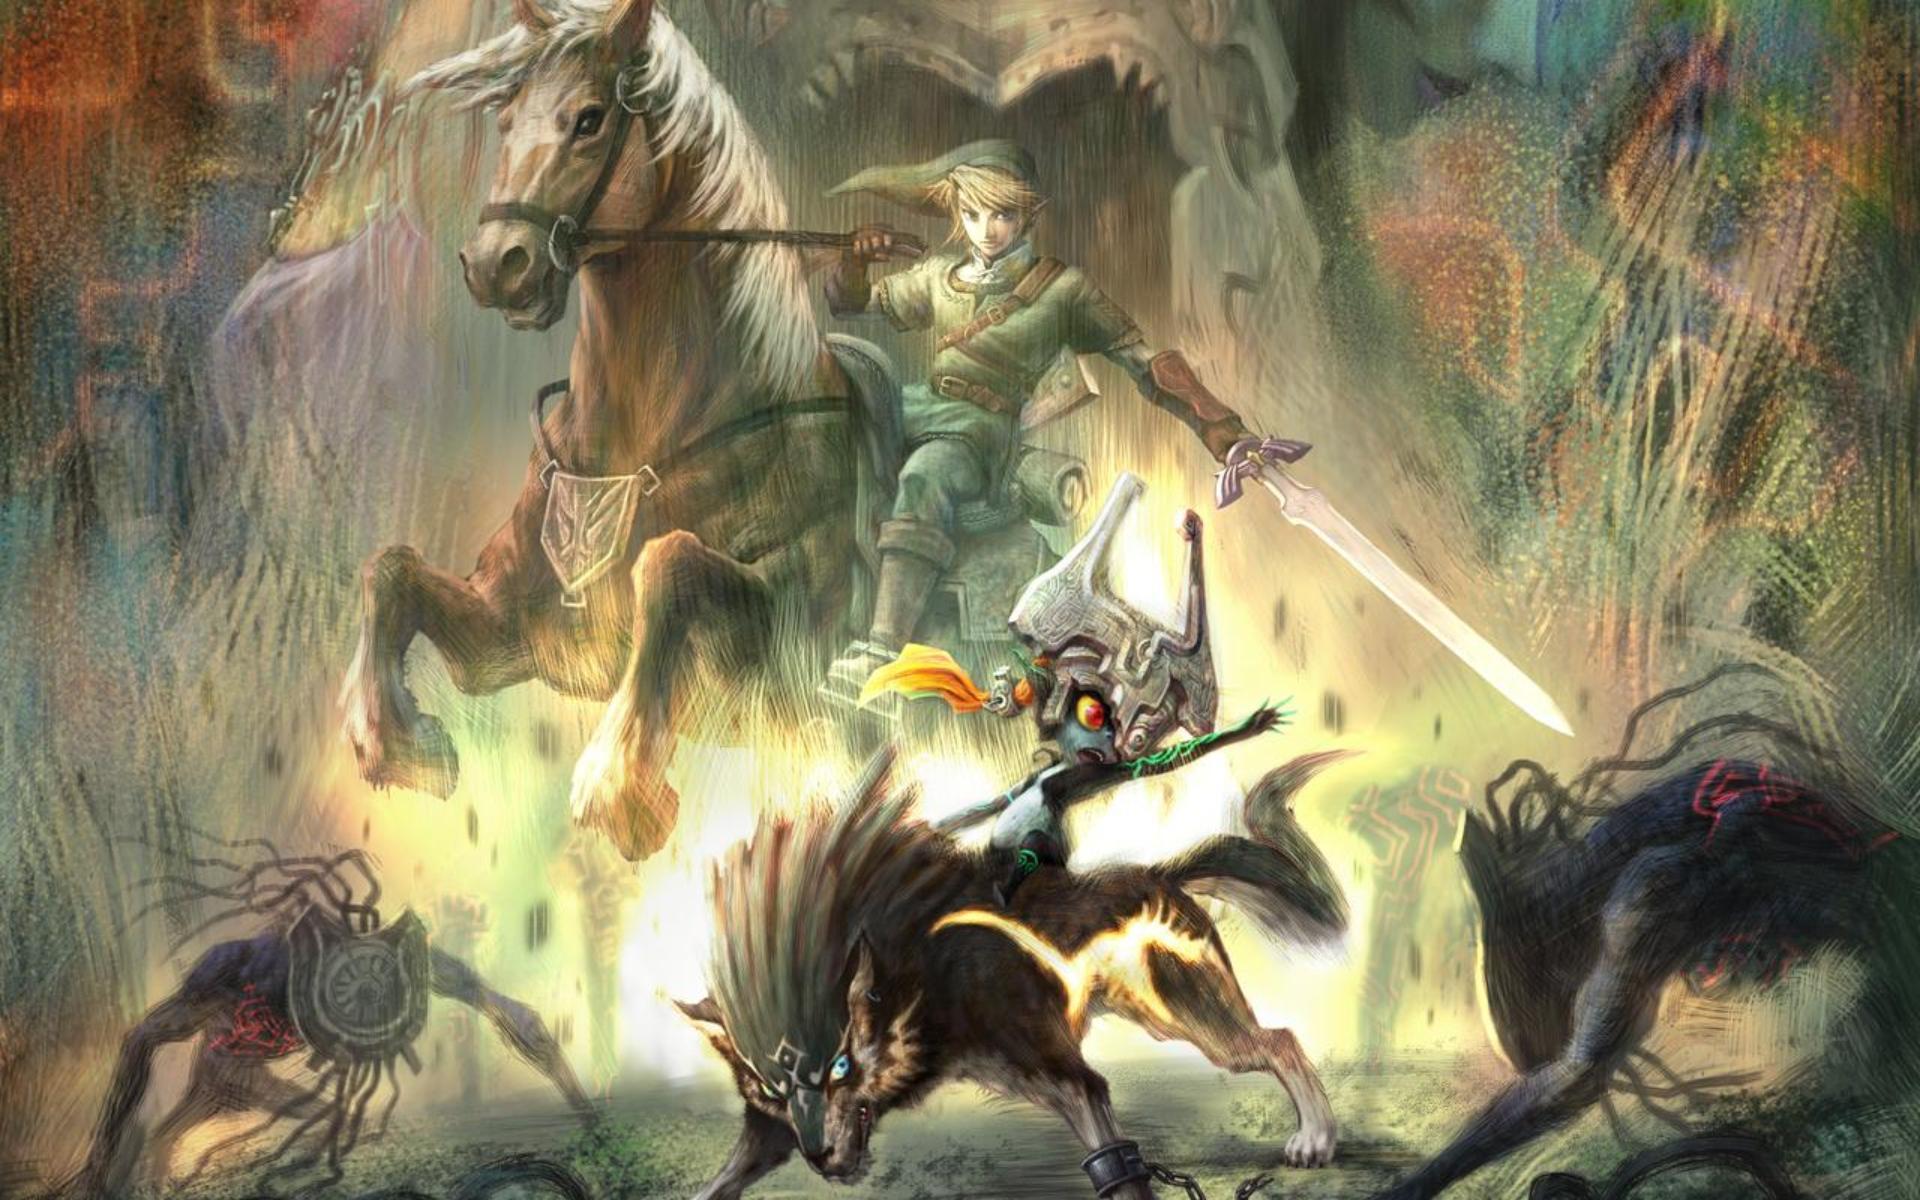 Link Wallpapers Horseback Link Myspace Backgrounds Horseback Link 1920x1200